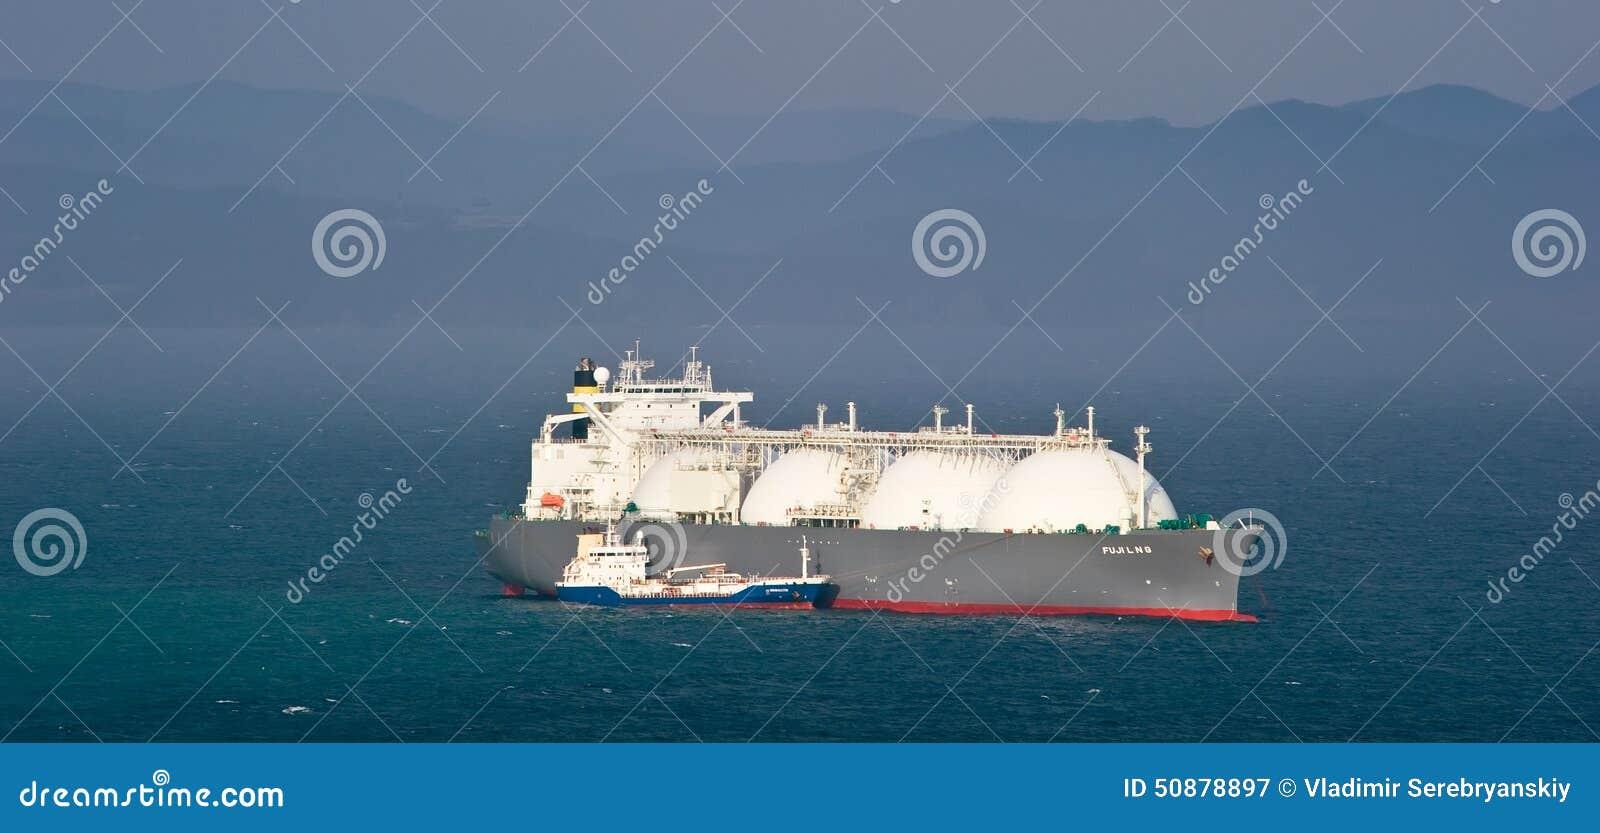 Tankfartyg Nicholay Shalavin på razzian som bunkrar förankrad tankfartygFuji LNG Nakhodka fjärd Östligt (Japan) hav 05 05 2014